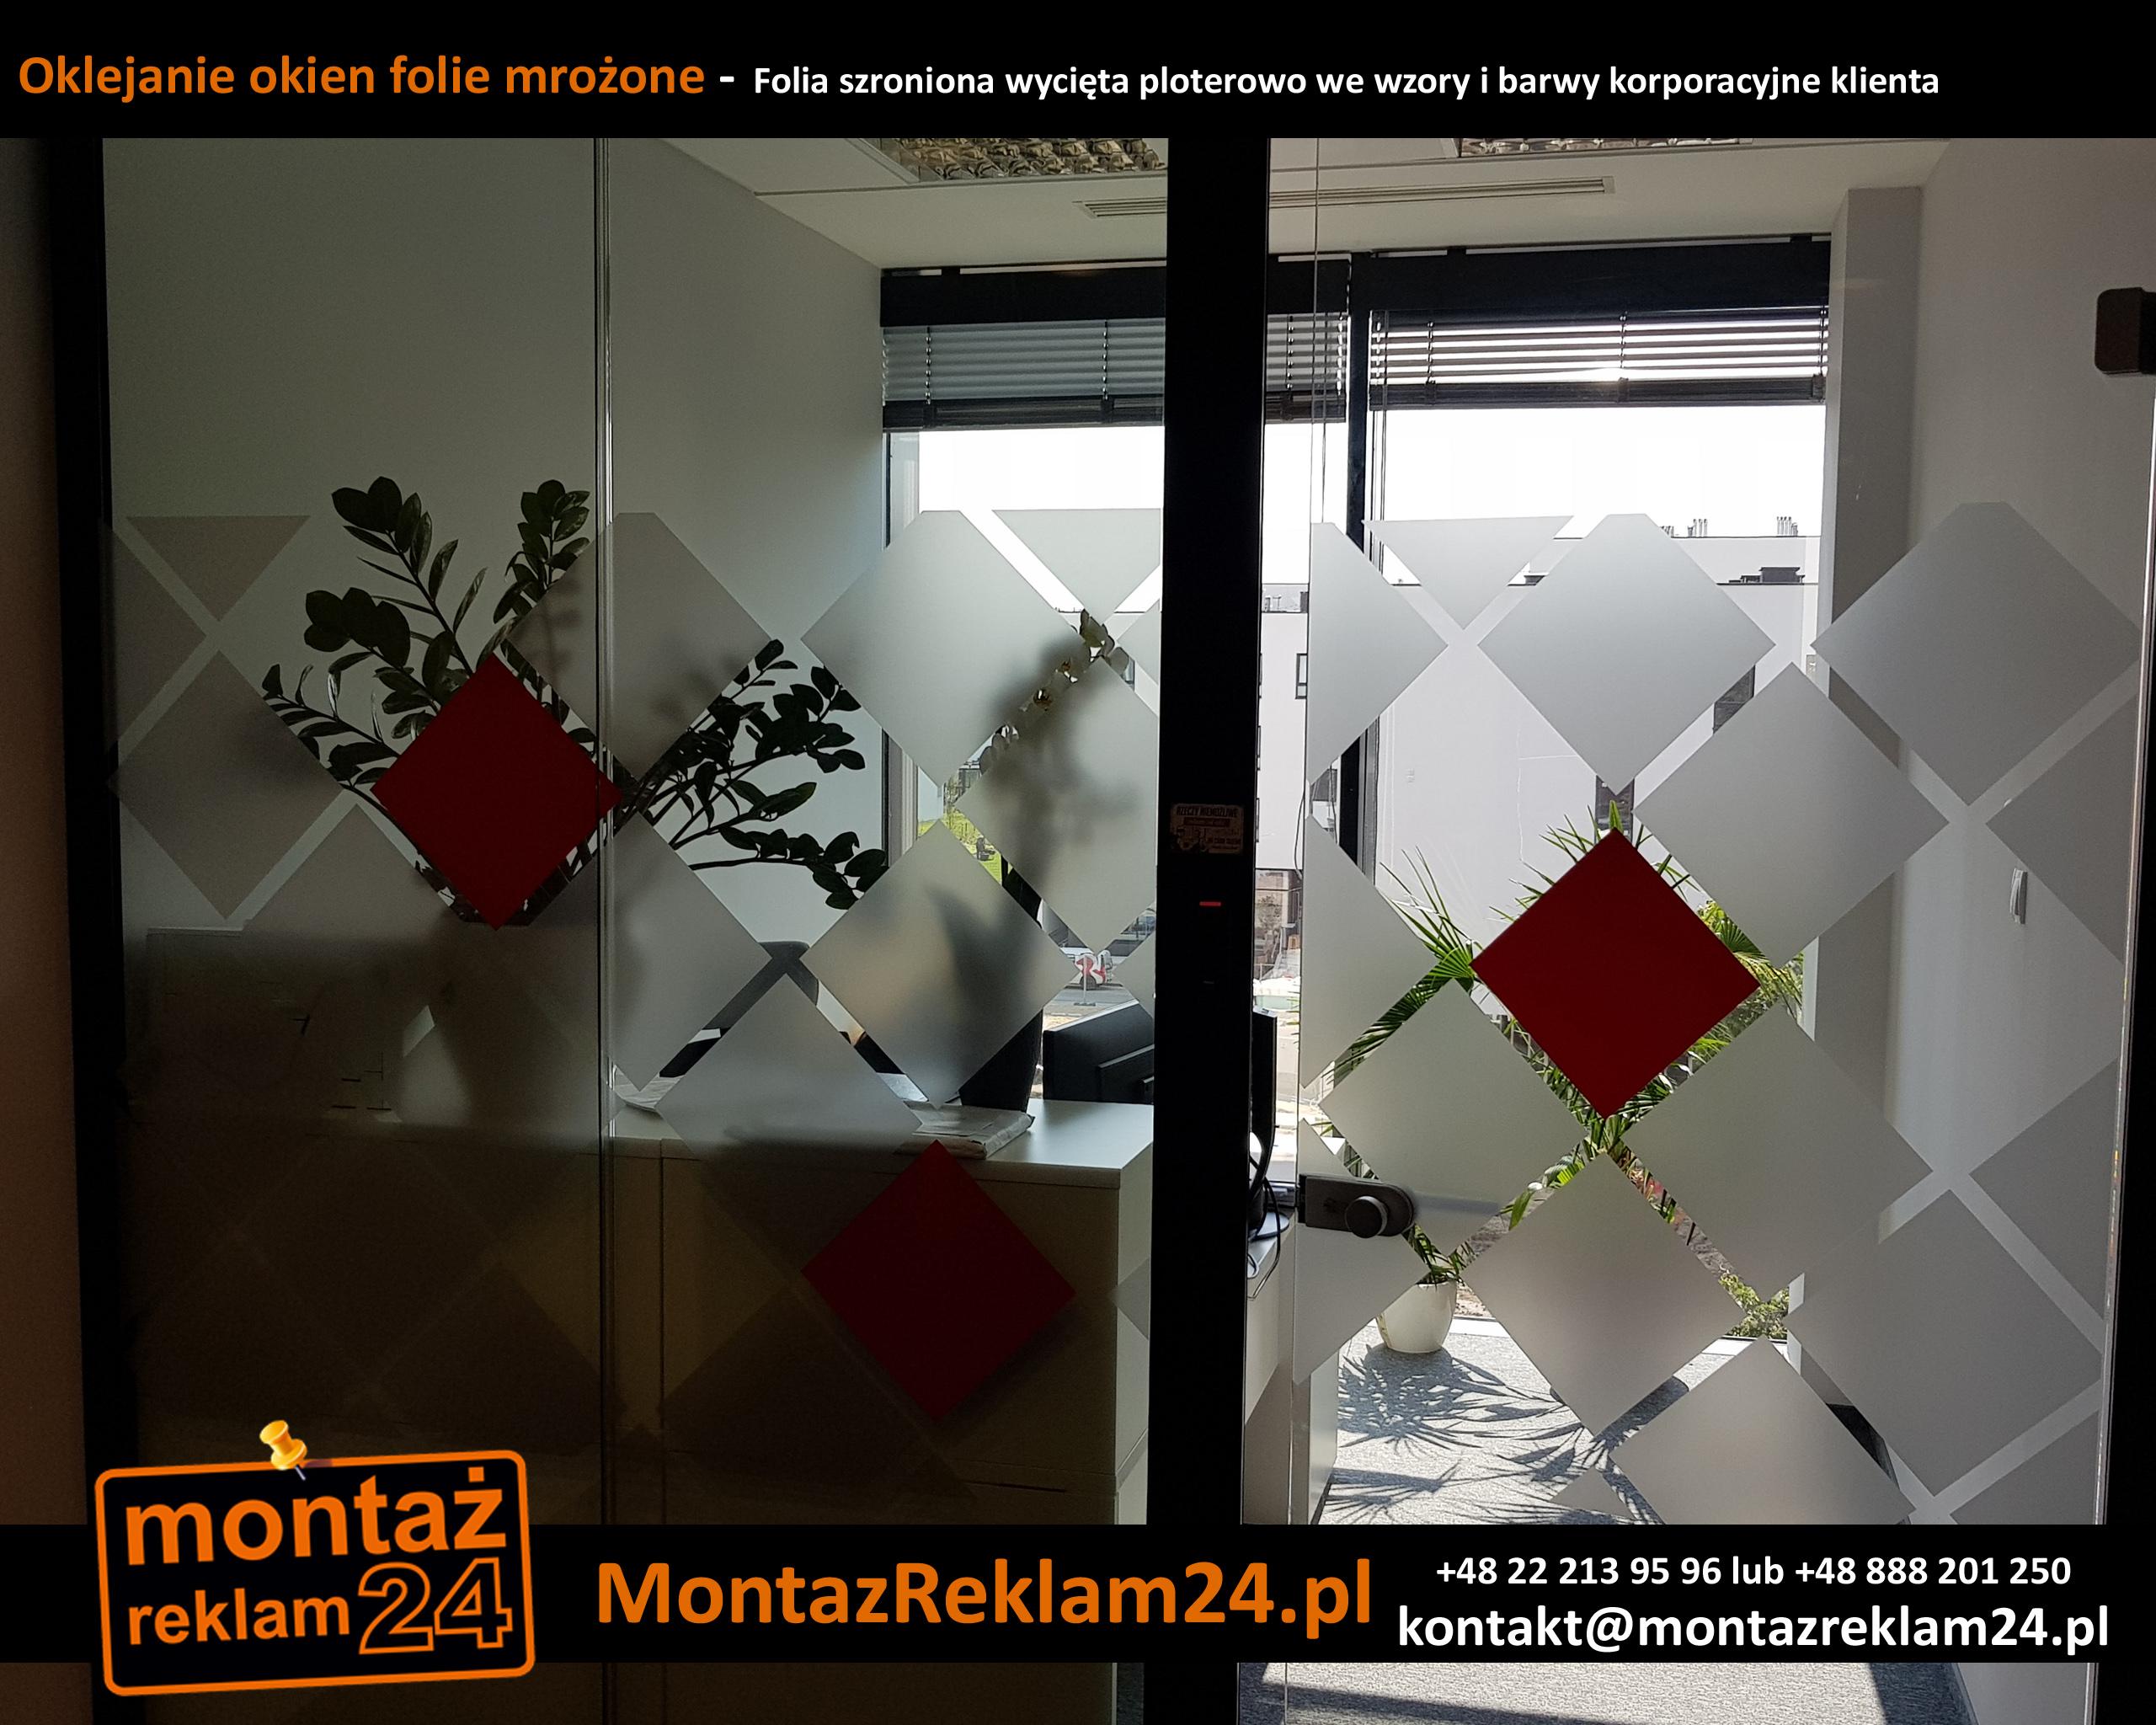 Oklejanie okien folie mrożone -  Folia szroniona wycięta ploterowo we wzory i barwy korporacyjne klienta.jpg